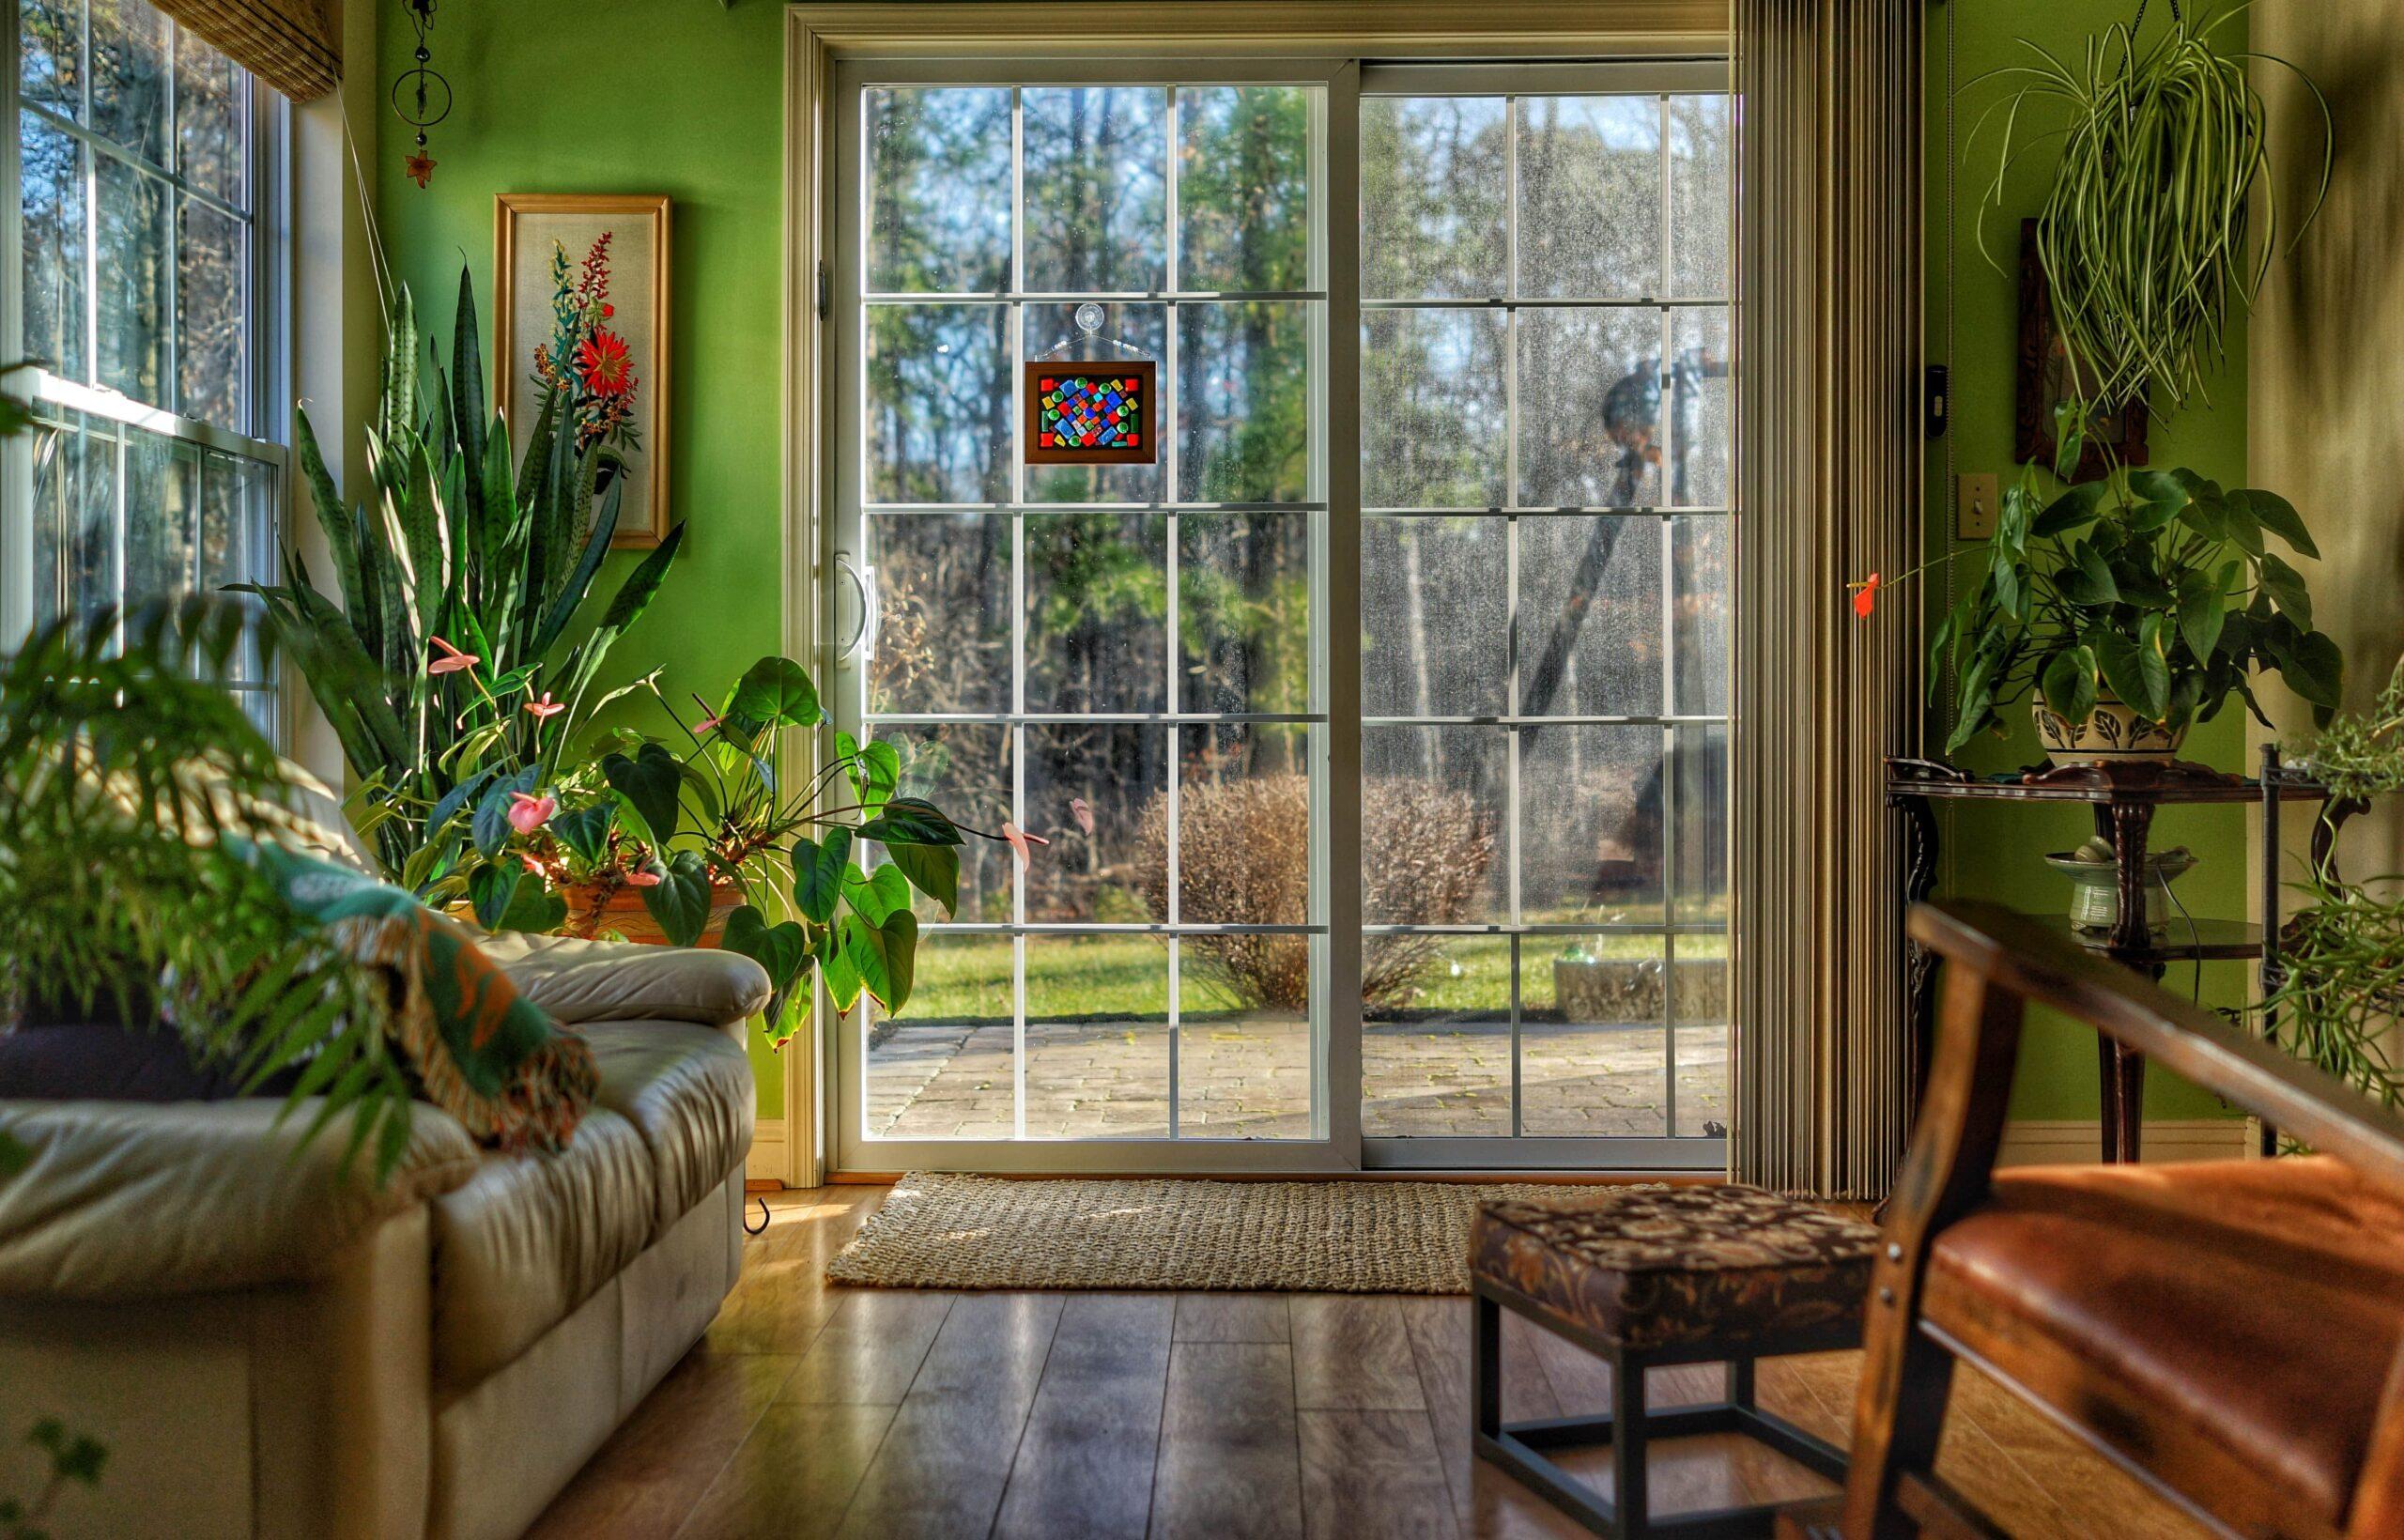 Habitación decorada con plantas